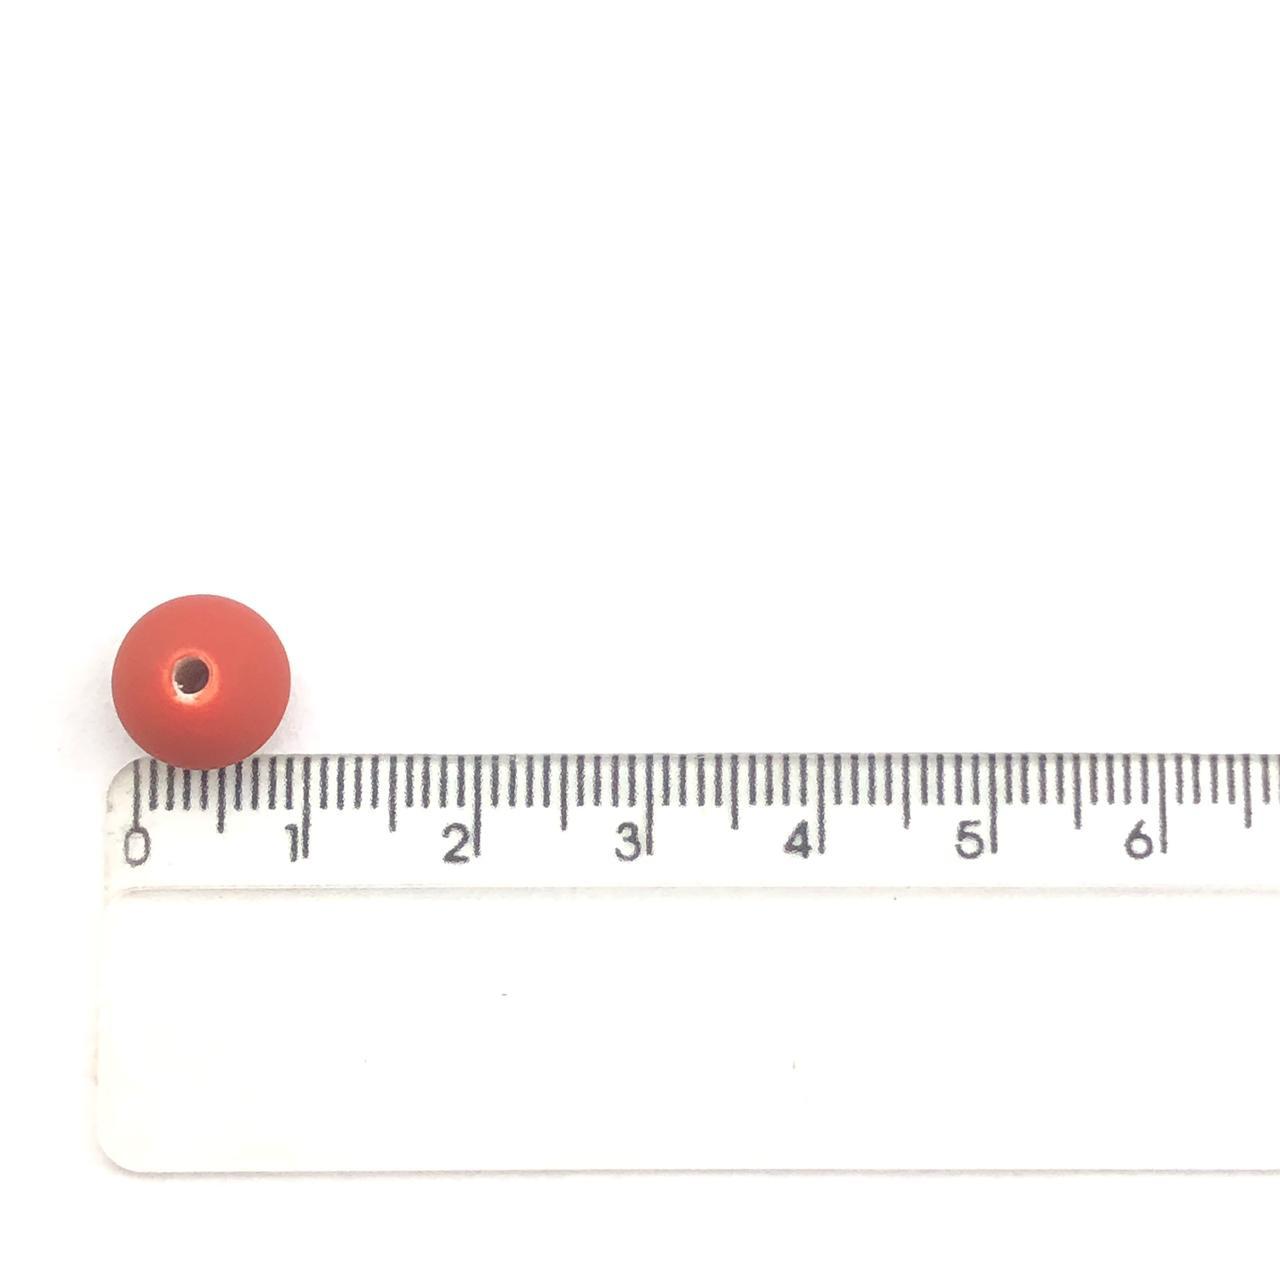 BOL262 - Bola Emborrachada Vermelho 10mm - 20Grs